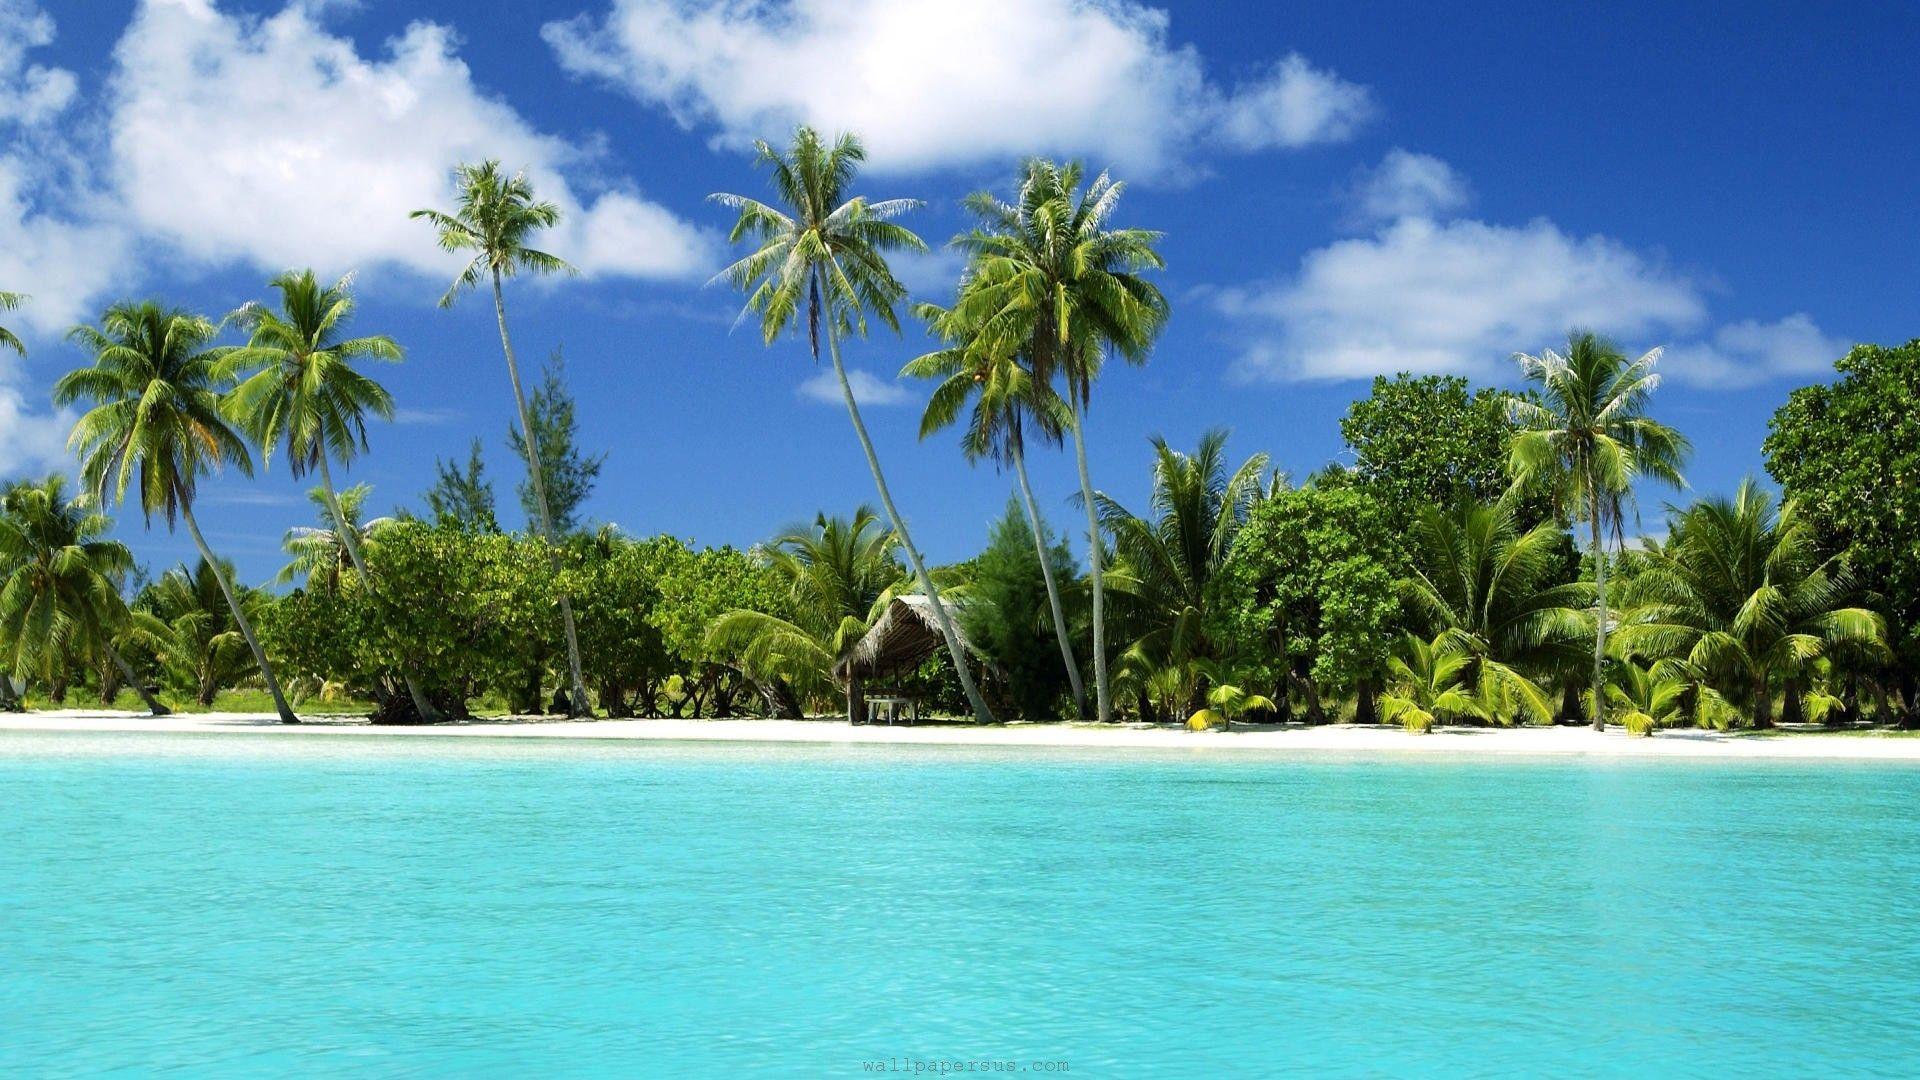 Tropical Beach Landscape Pictures